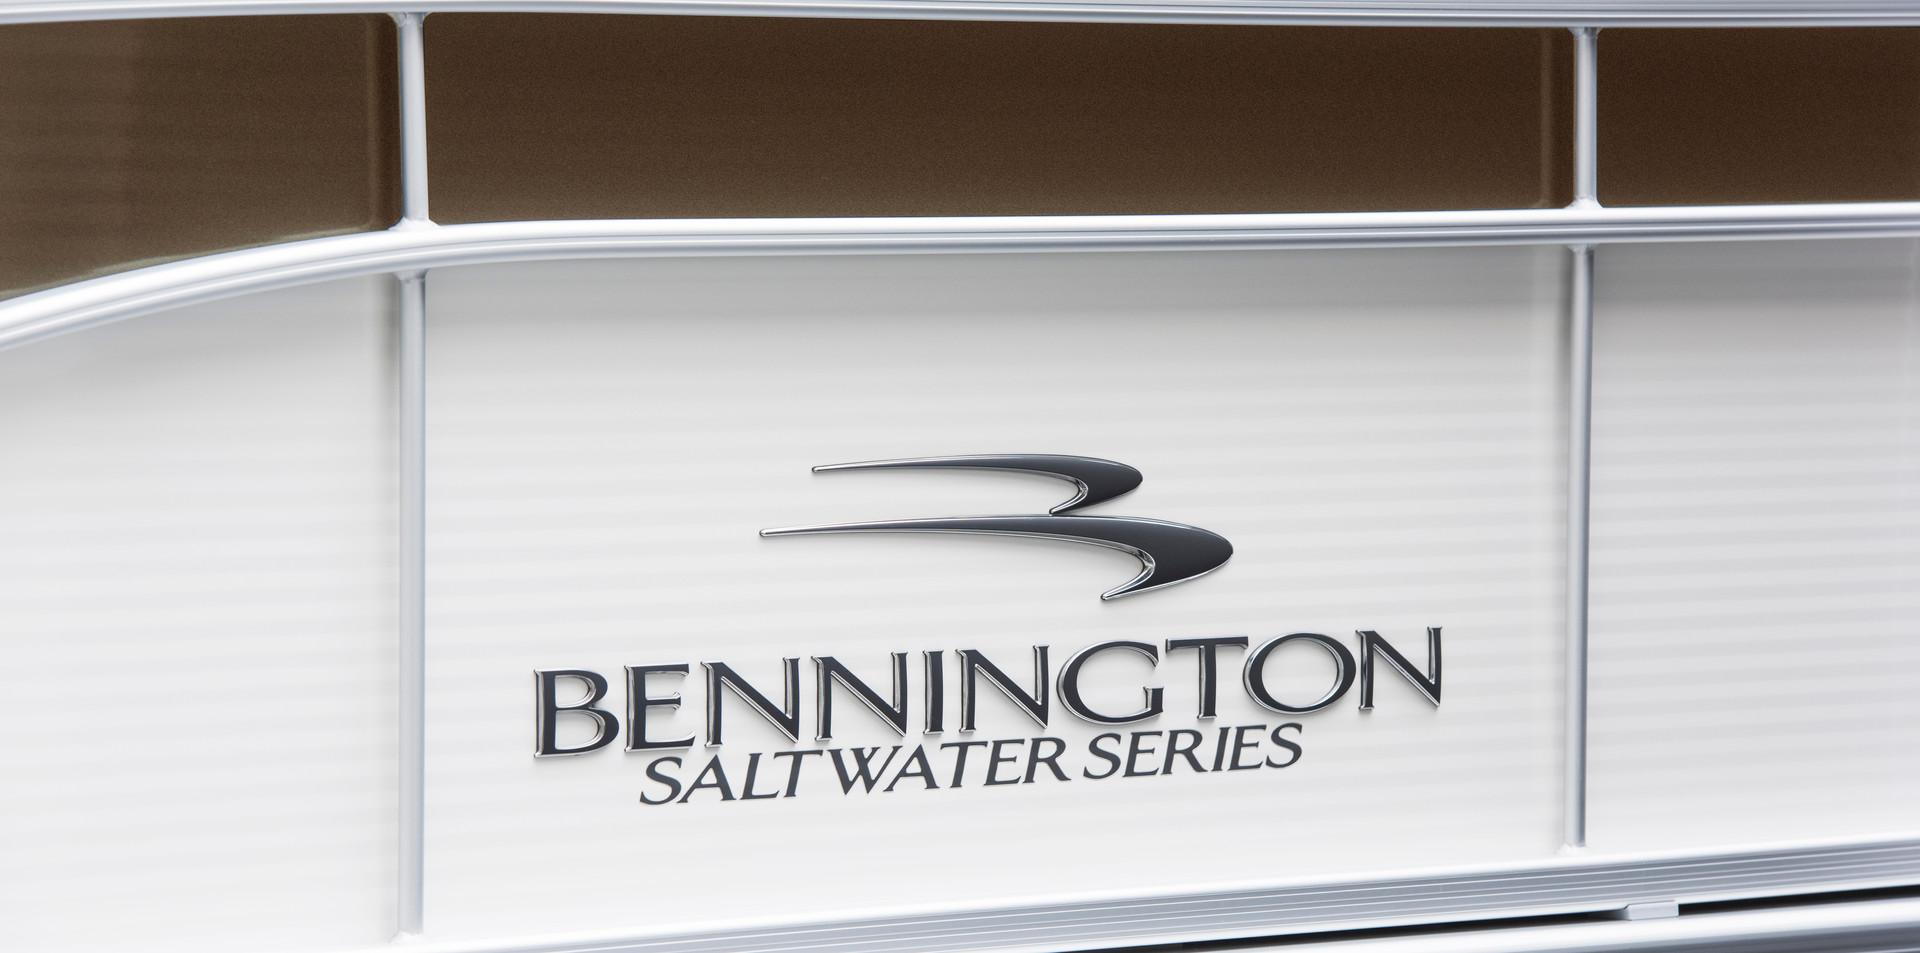 23 SSLX #8895 - Salt Water Pontoon Boats